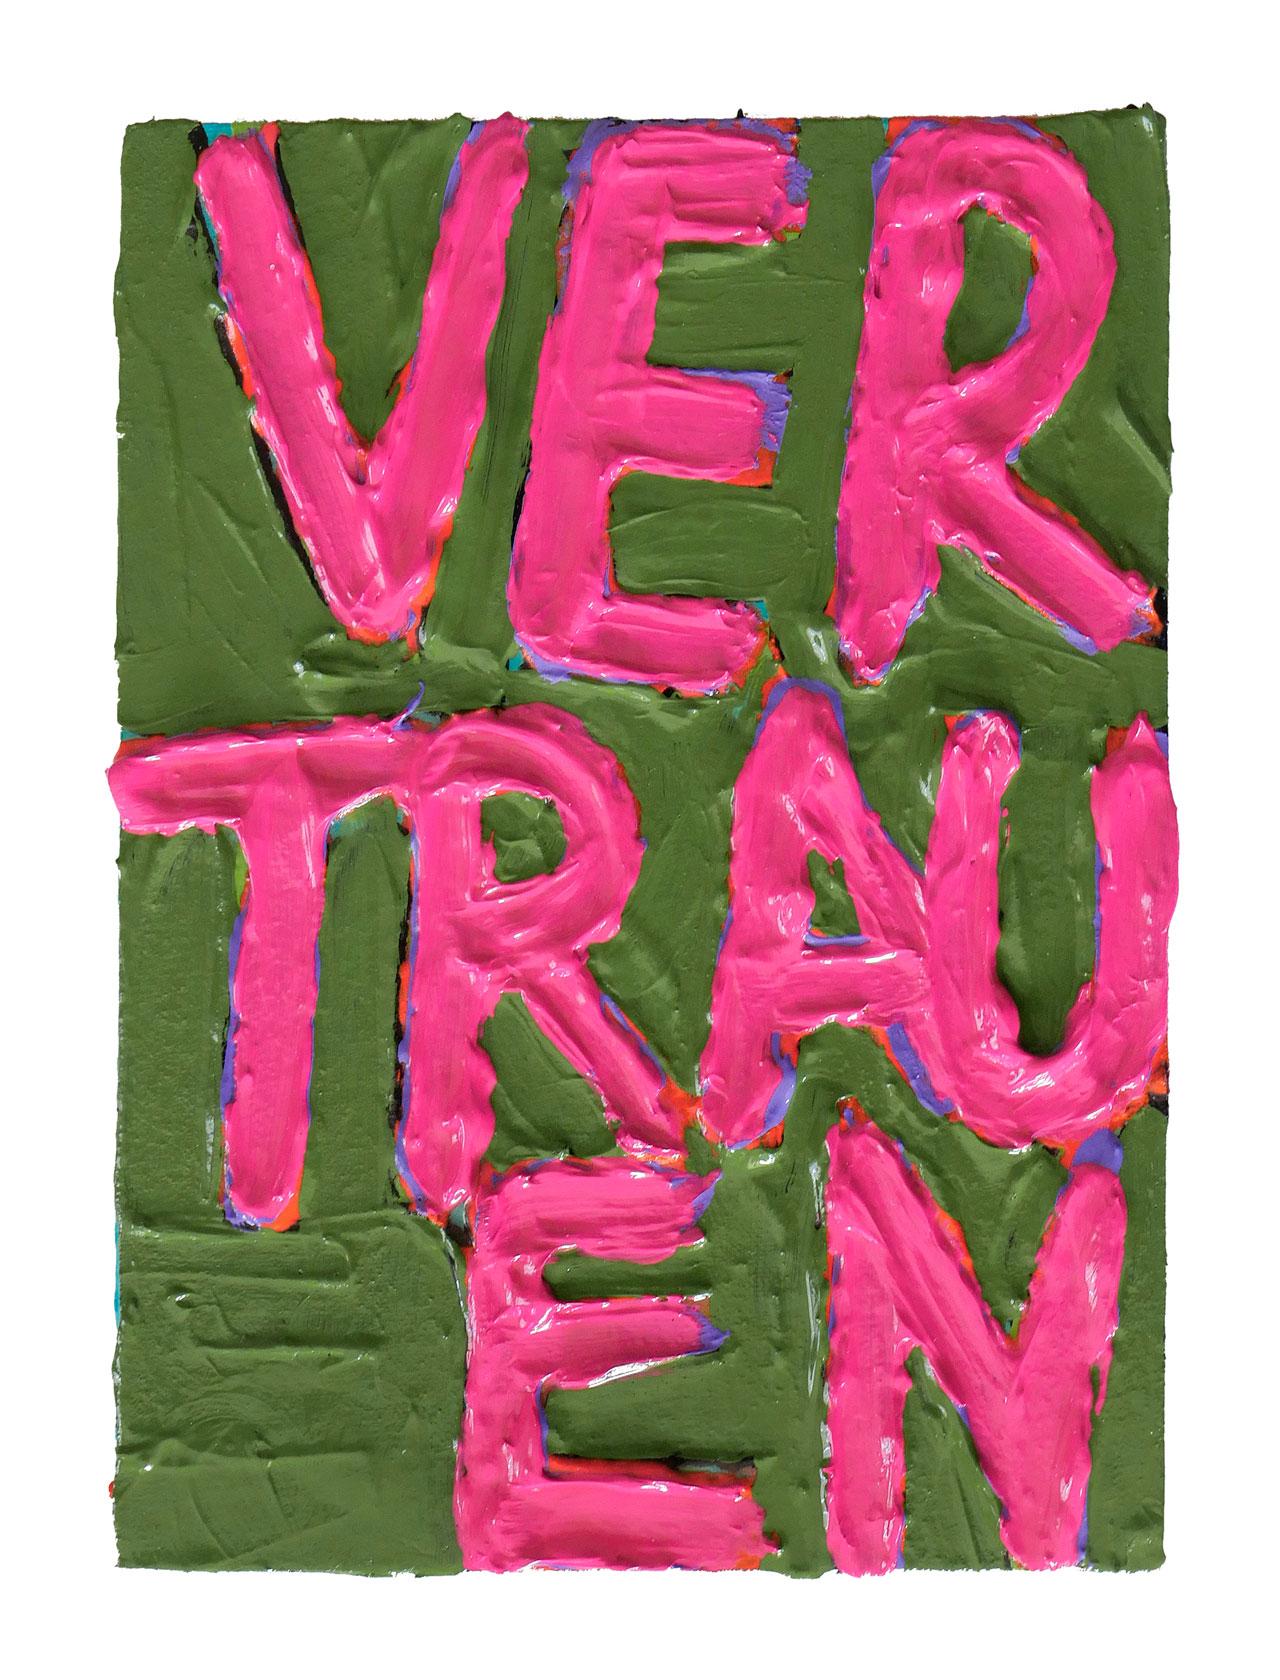 VERTRAUEN | 2019 © Kerstin Jeckel | TAFELBILD #171